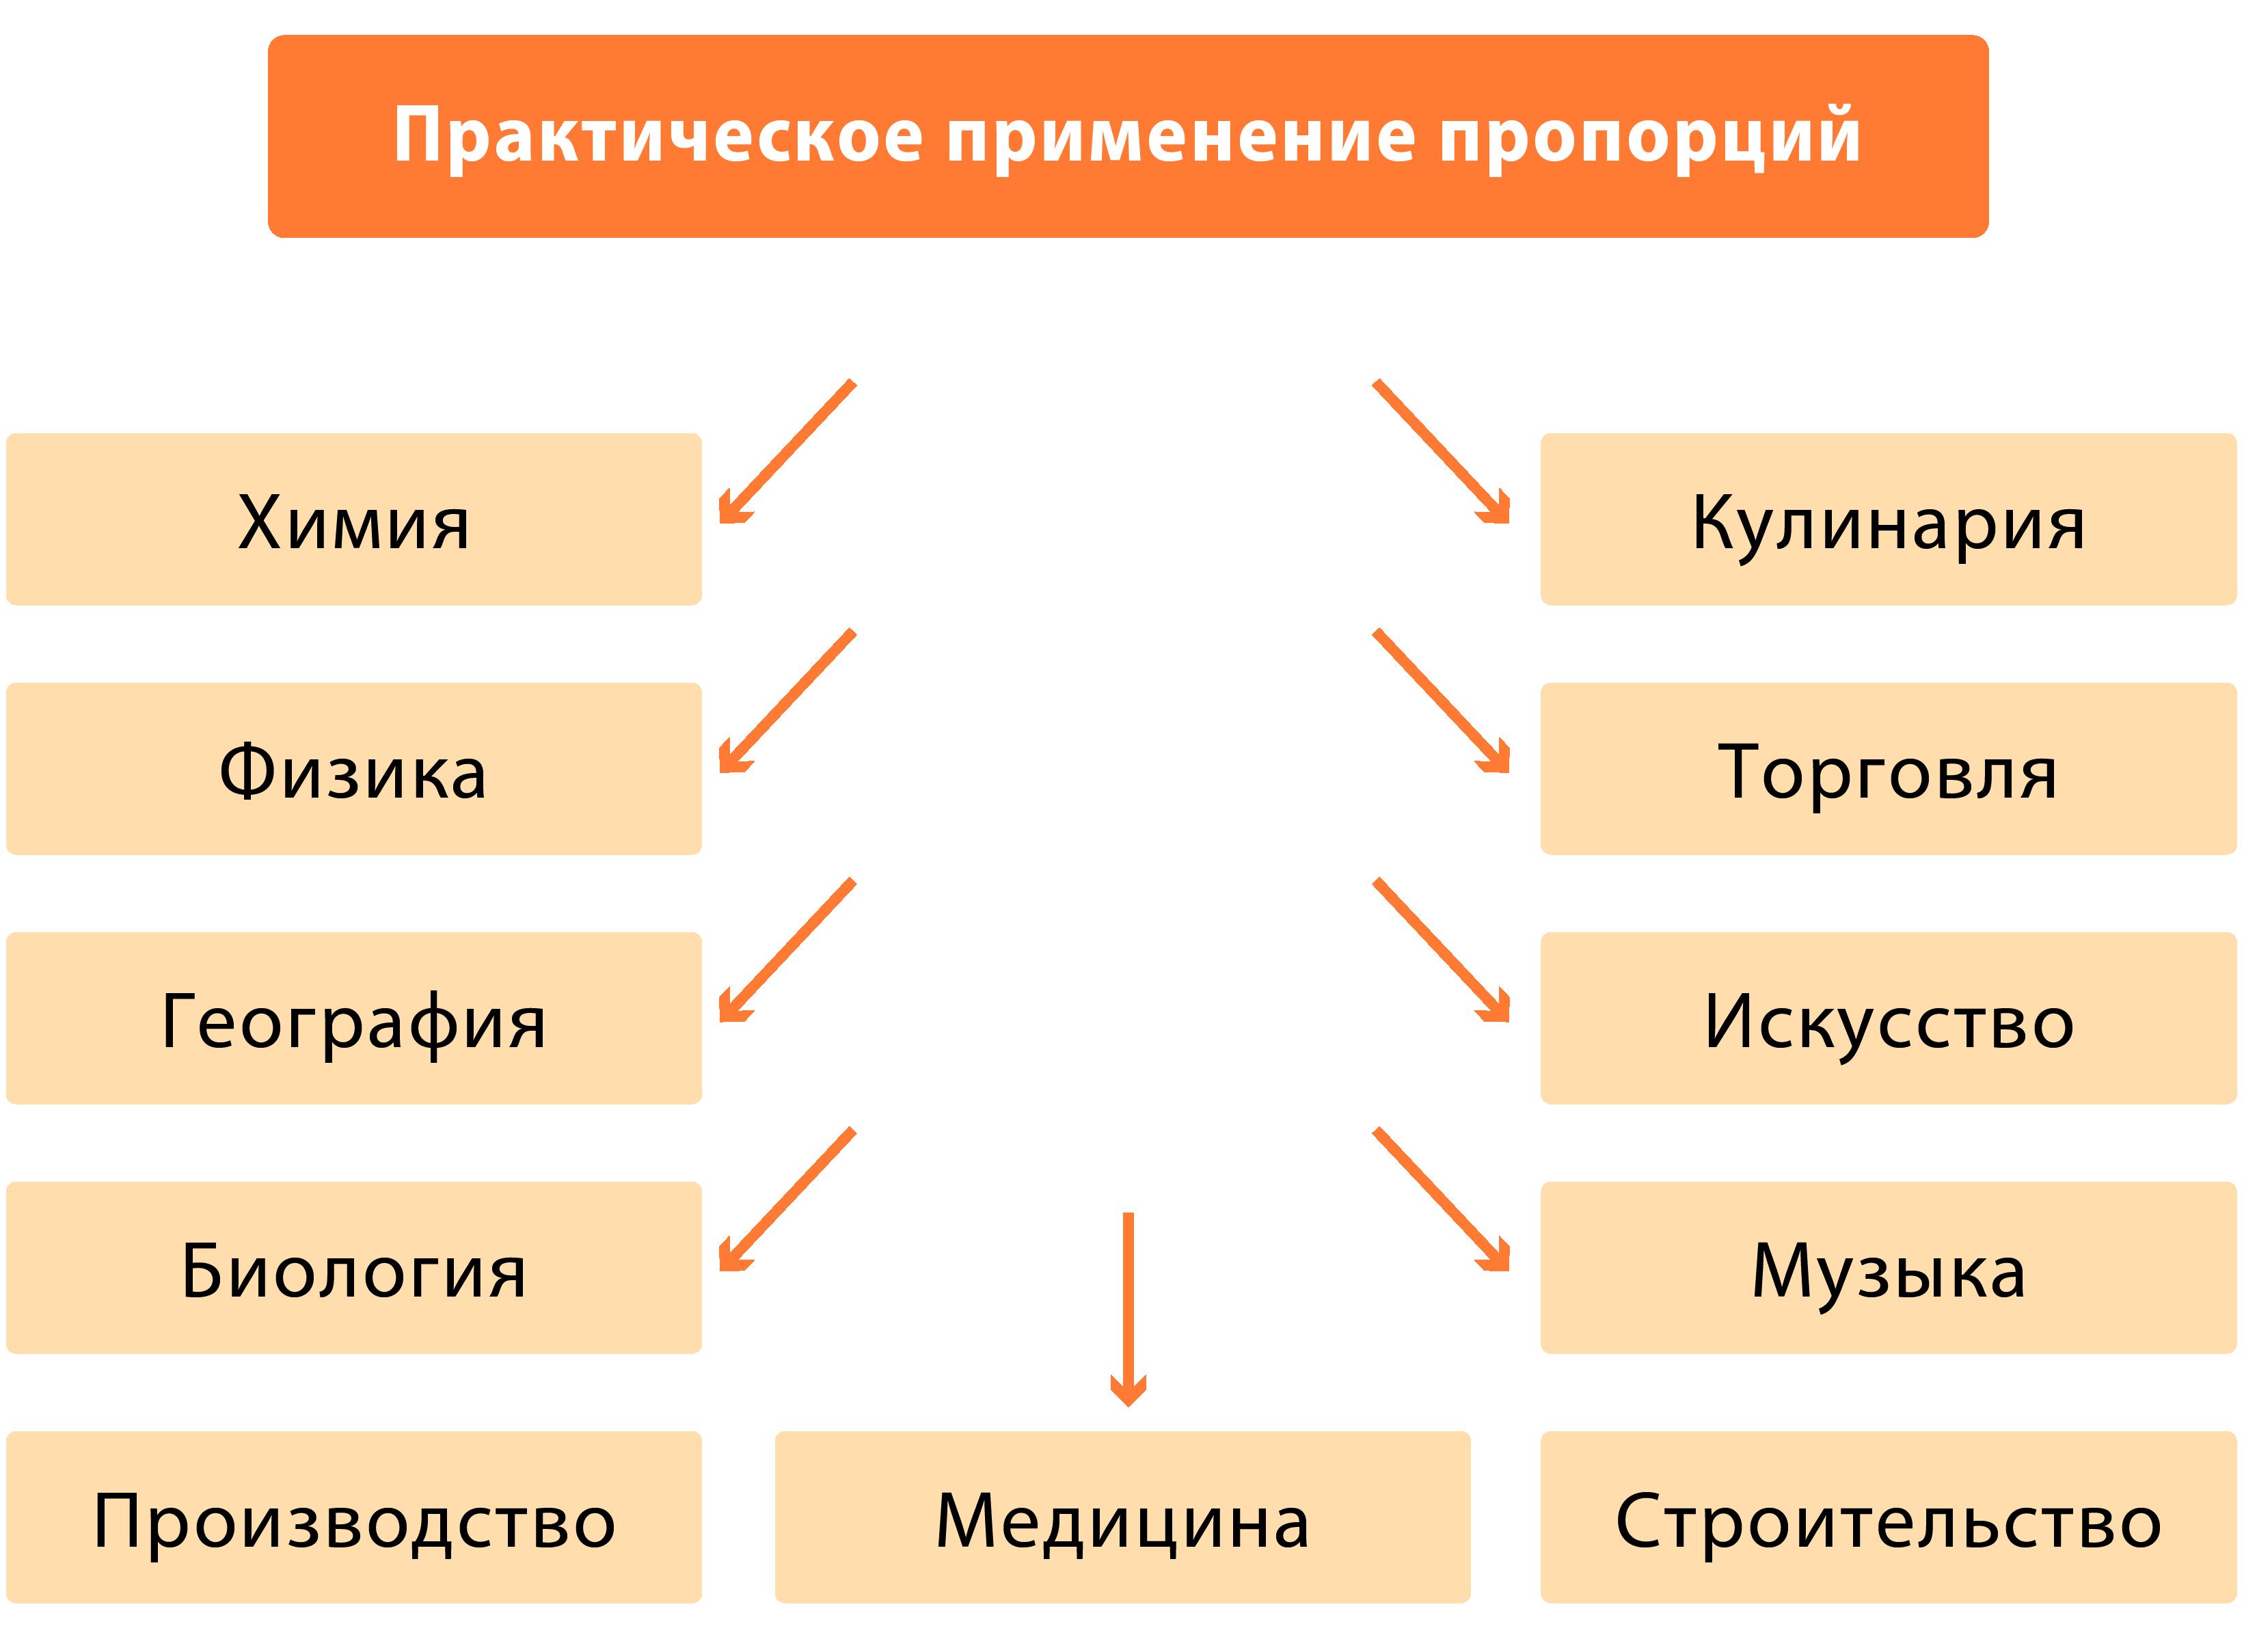 Применение пропорции